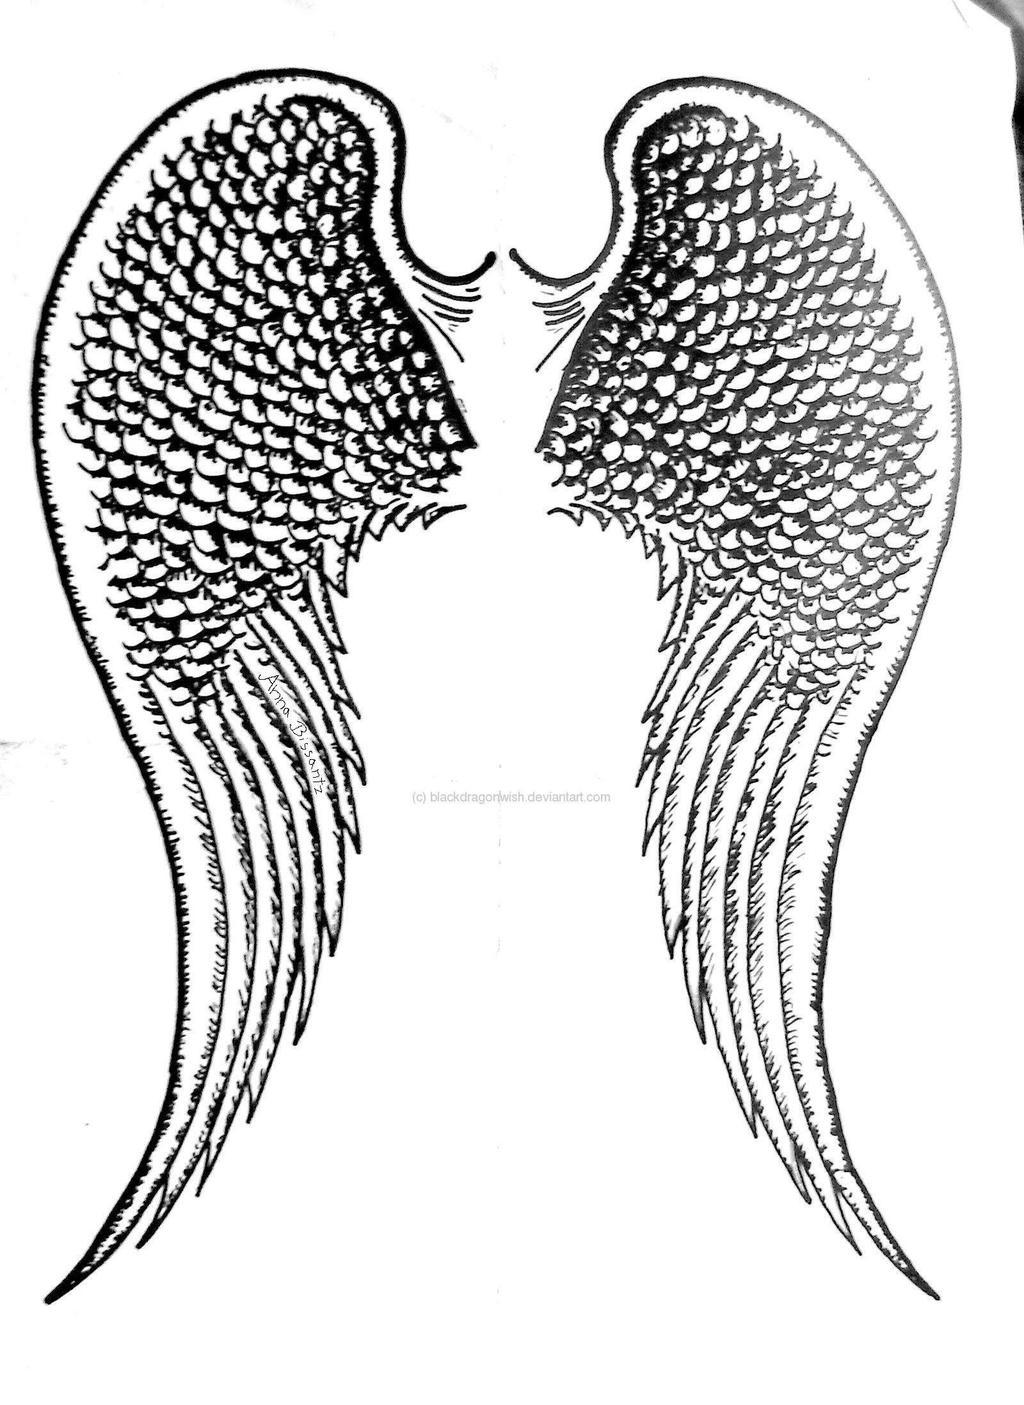 wings design by SwarzezTier